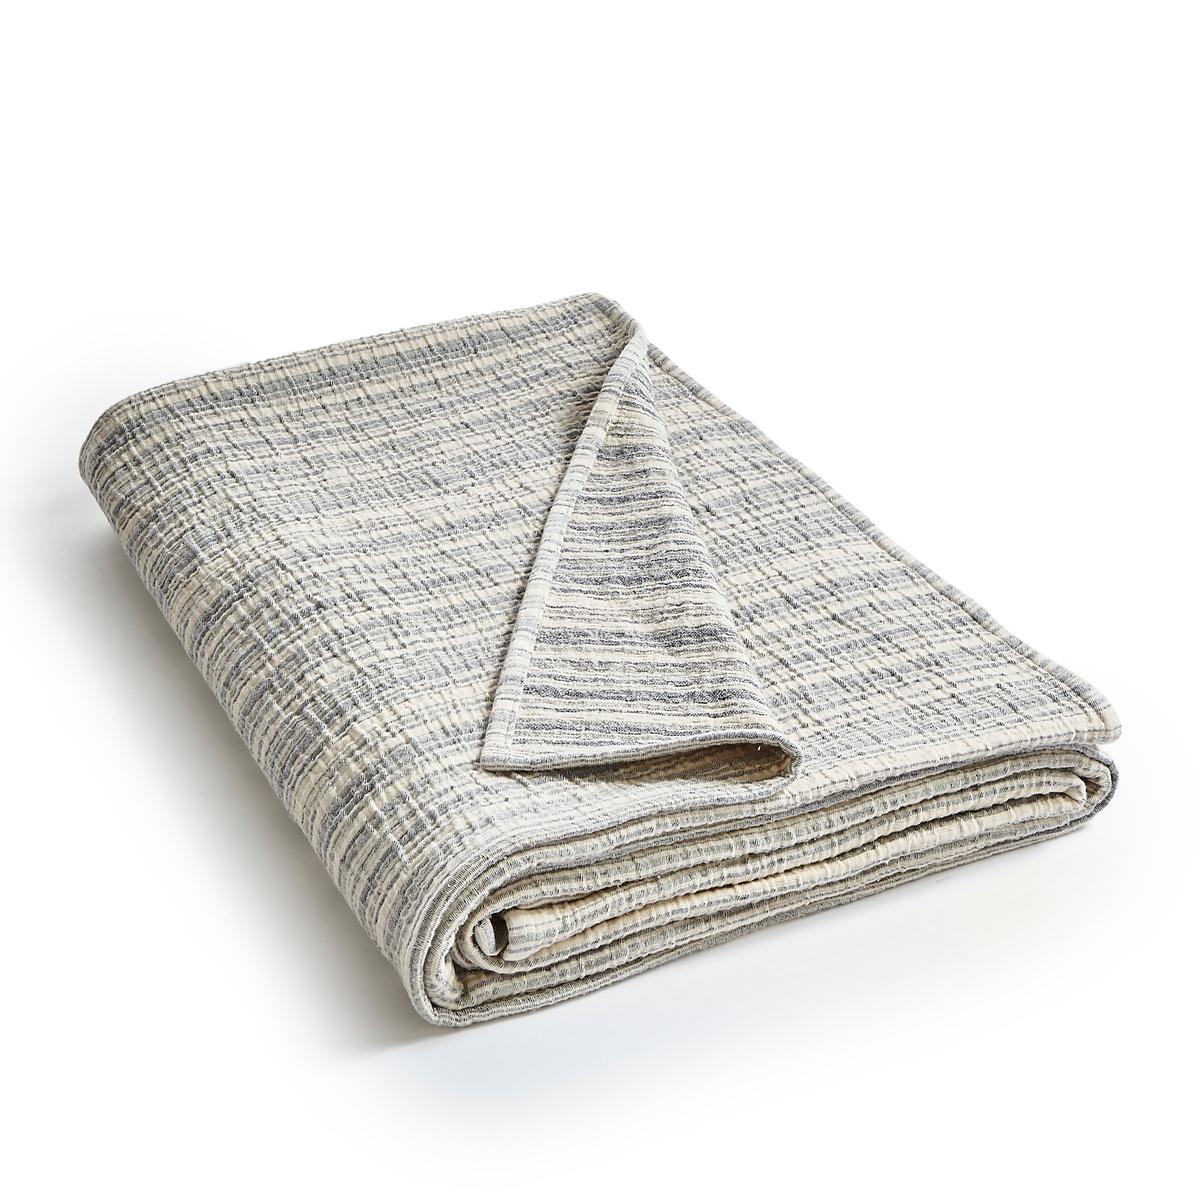 Плед из хлопковой жаккардовой ткани, LotzaПлед Lotza. Переход тонов от цвета экрю к синему цвету, очень приятная на ощупь стеганая жаккардовая ткань.Материал : - 100% хлопокУход :- Машинная стирка при 40 °С. Размеры : - 180 x 230 смЗнак Oeko-Tex® гарантирует, что товары прошли проверку и были изготовлены без применения вредных для здоровья человека веществ.<br><br>Цвет: индиго